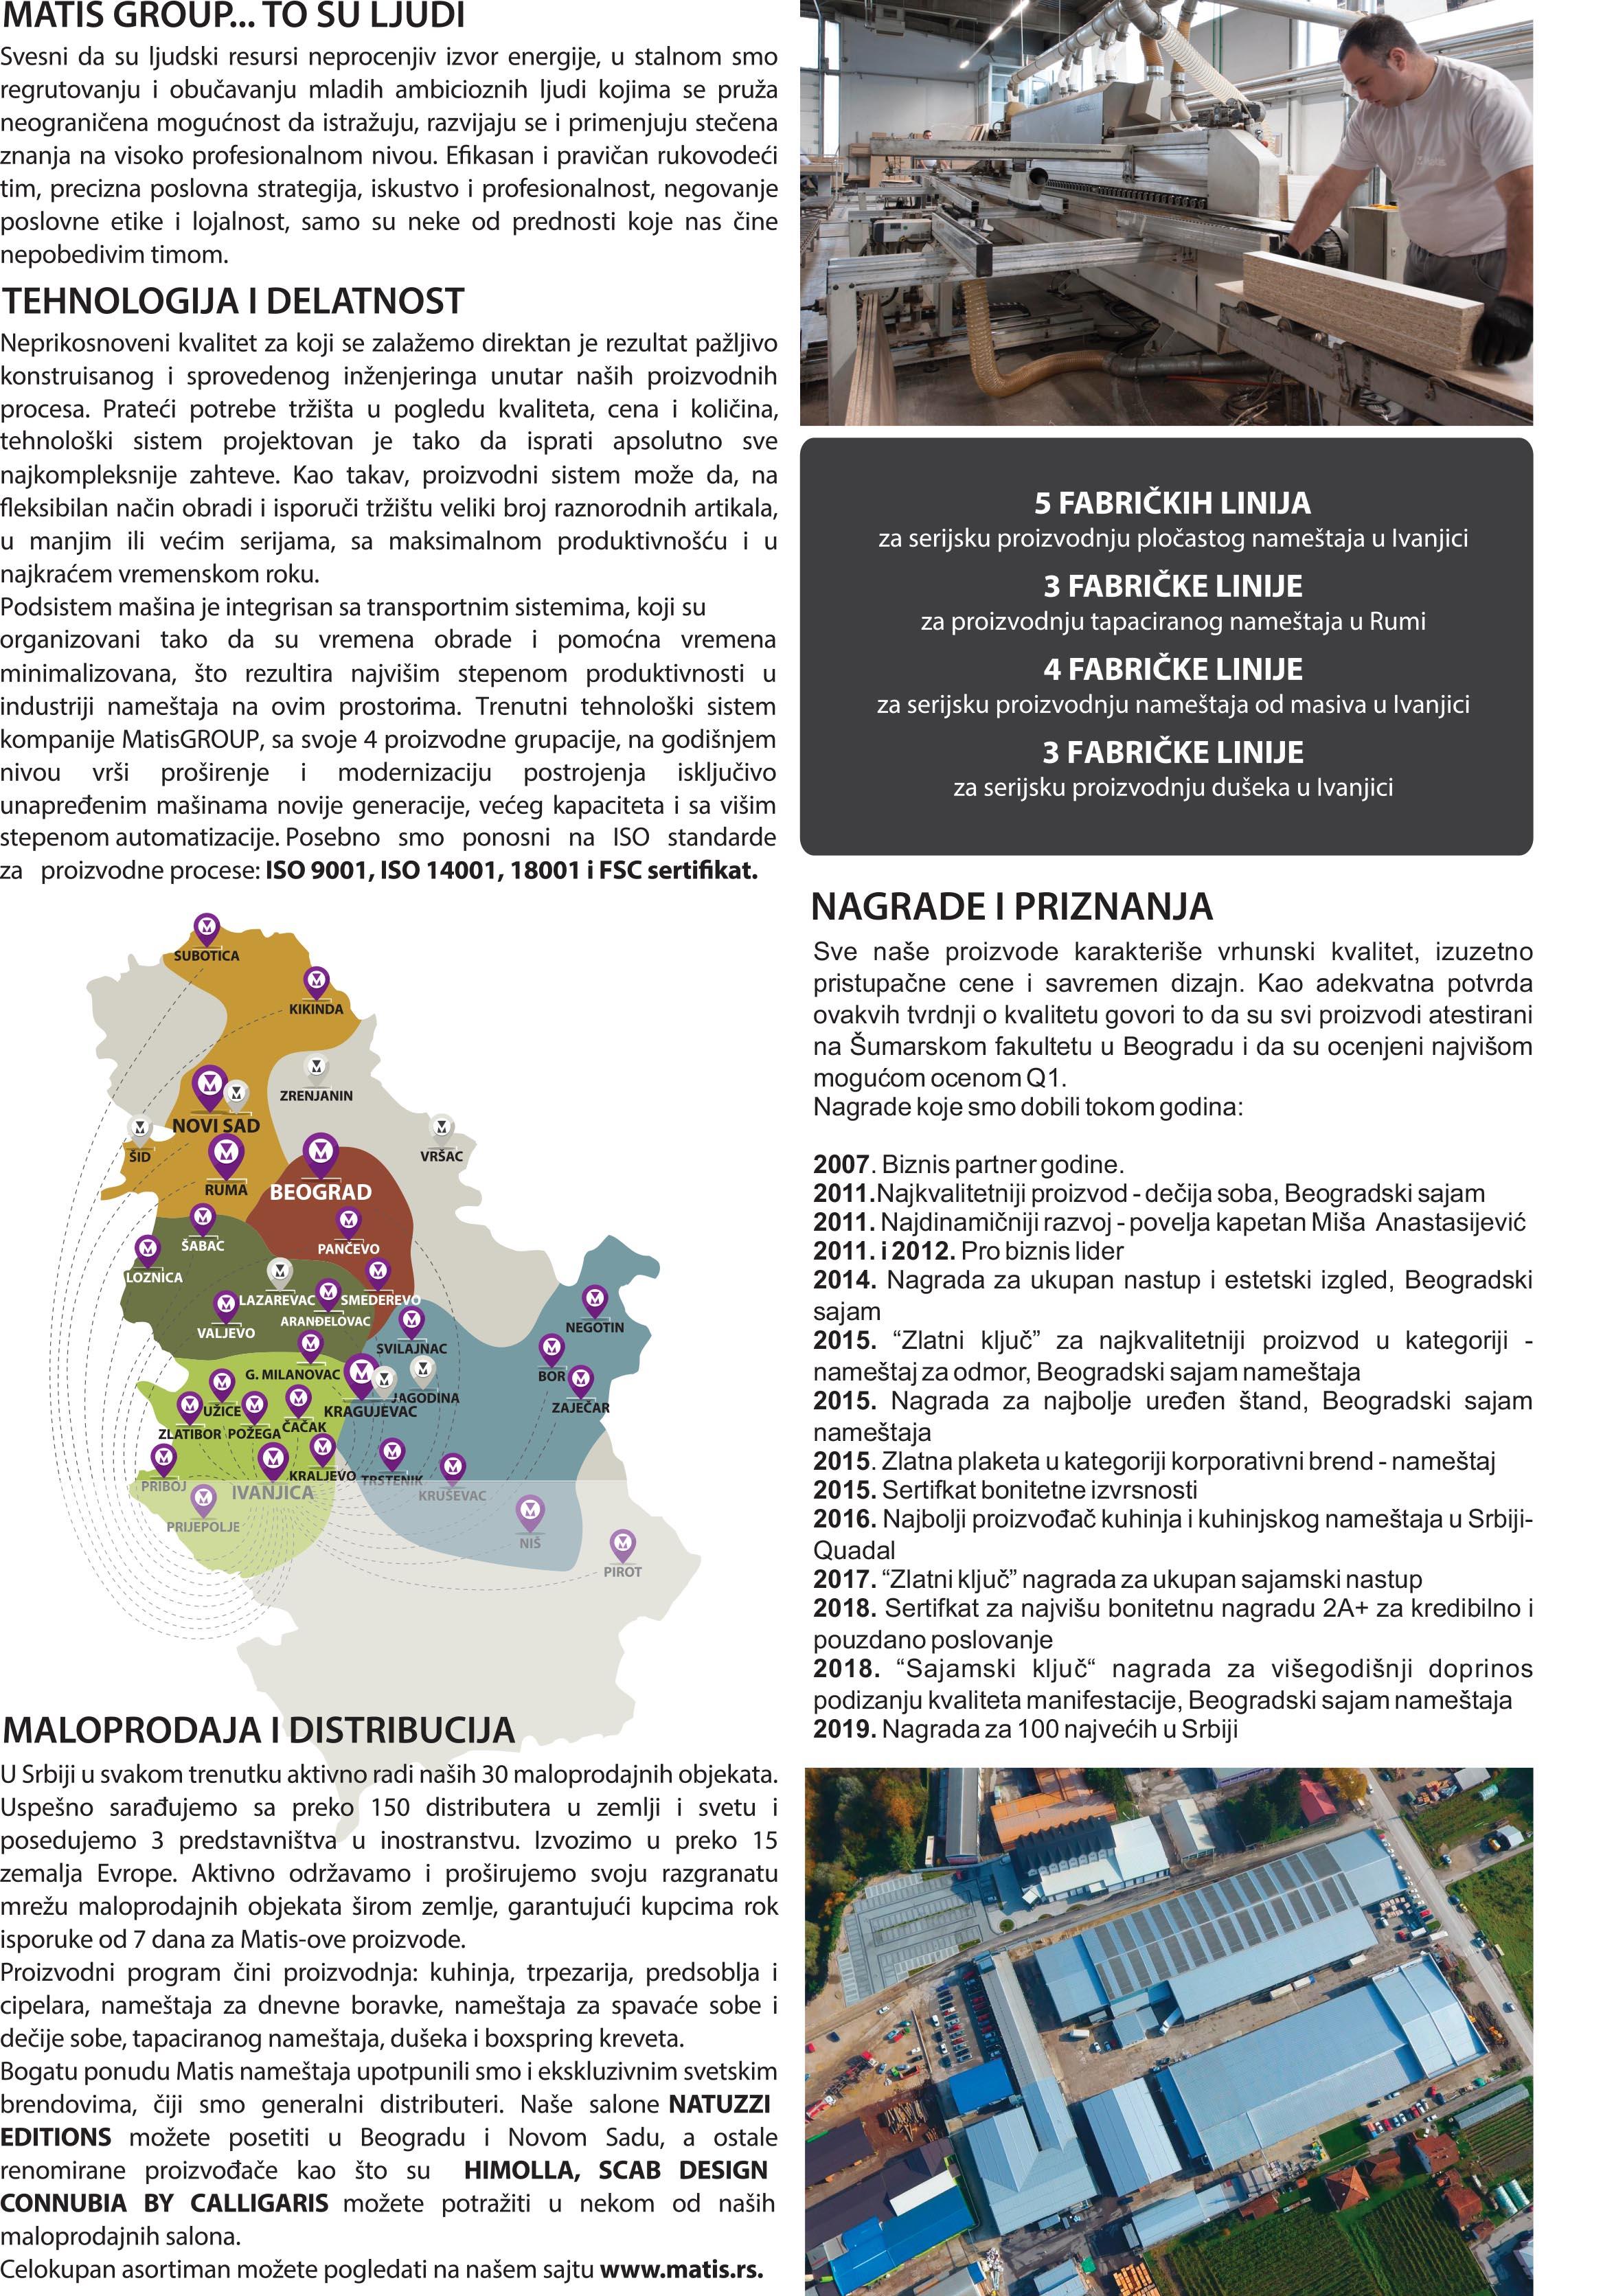 Drvotehnika-2019-02 PRIZNANJE- Kompanija Matis iz Ivanjice među 100 NAJVEĆIH U SRBIJI